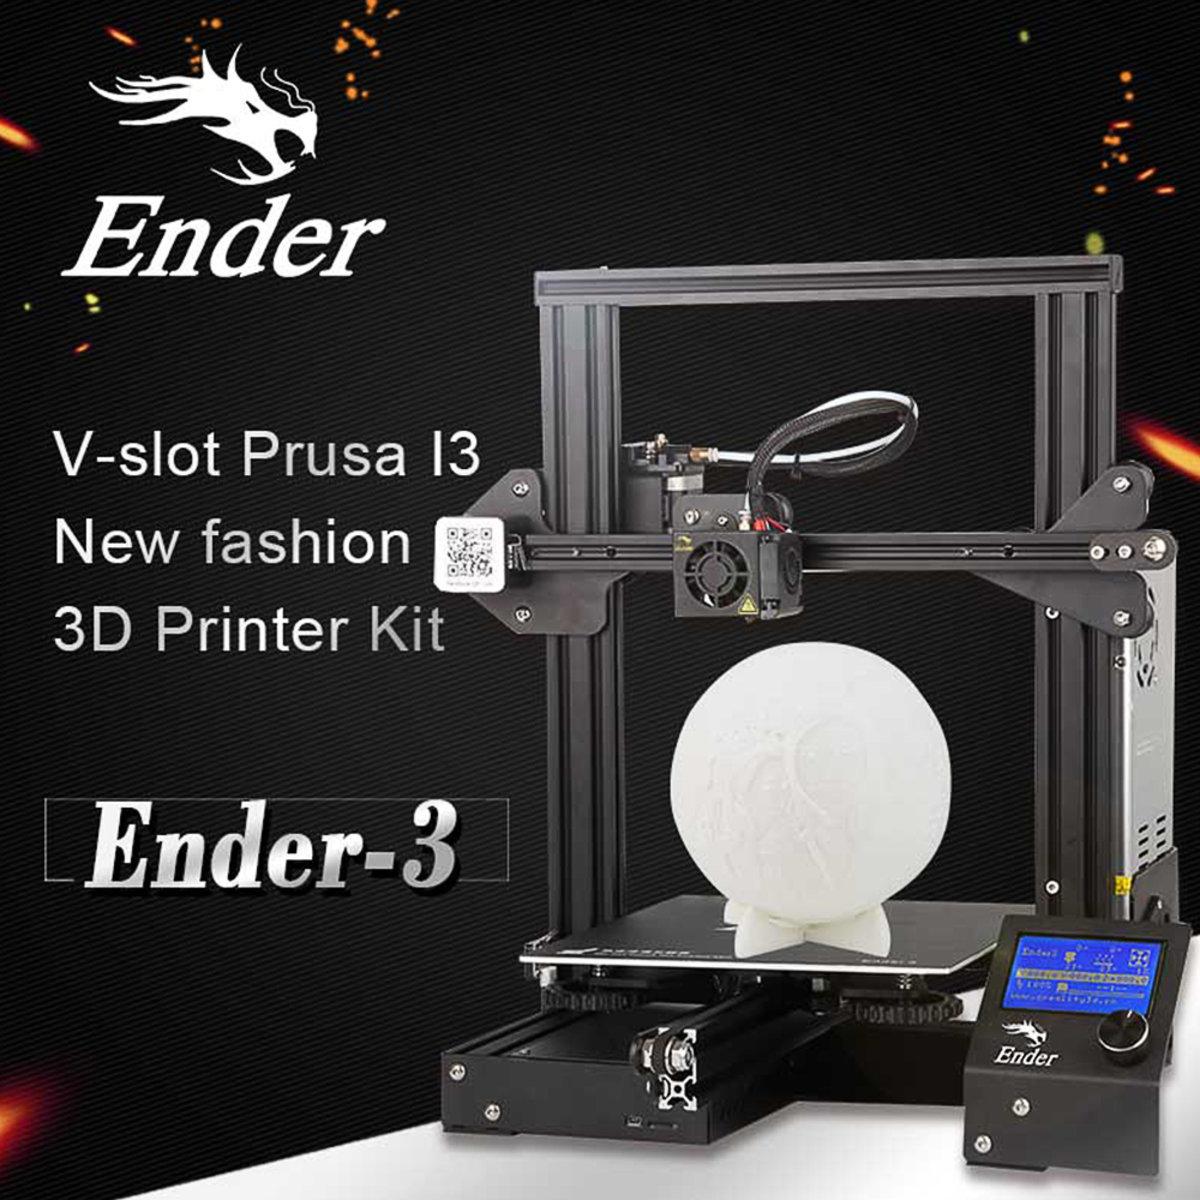 Ender-3 3D 打印機